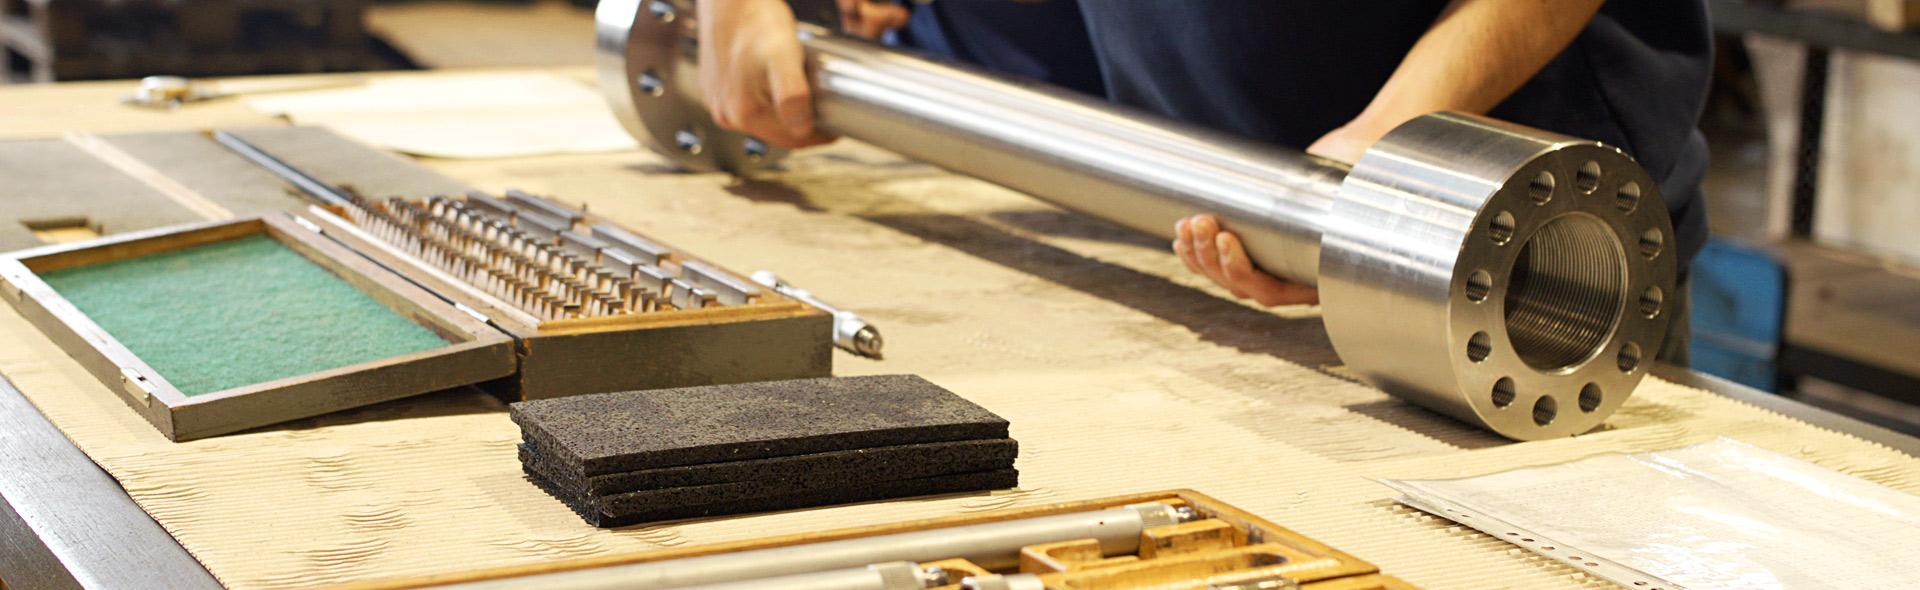 Kooperationsleistungen | Maschinenbau Mundil GmbH & Co. KG